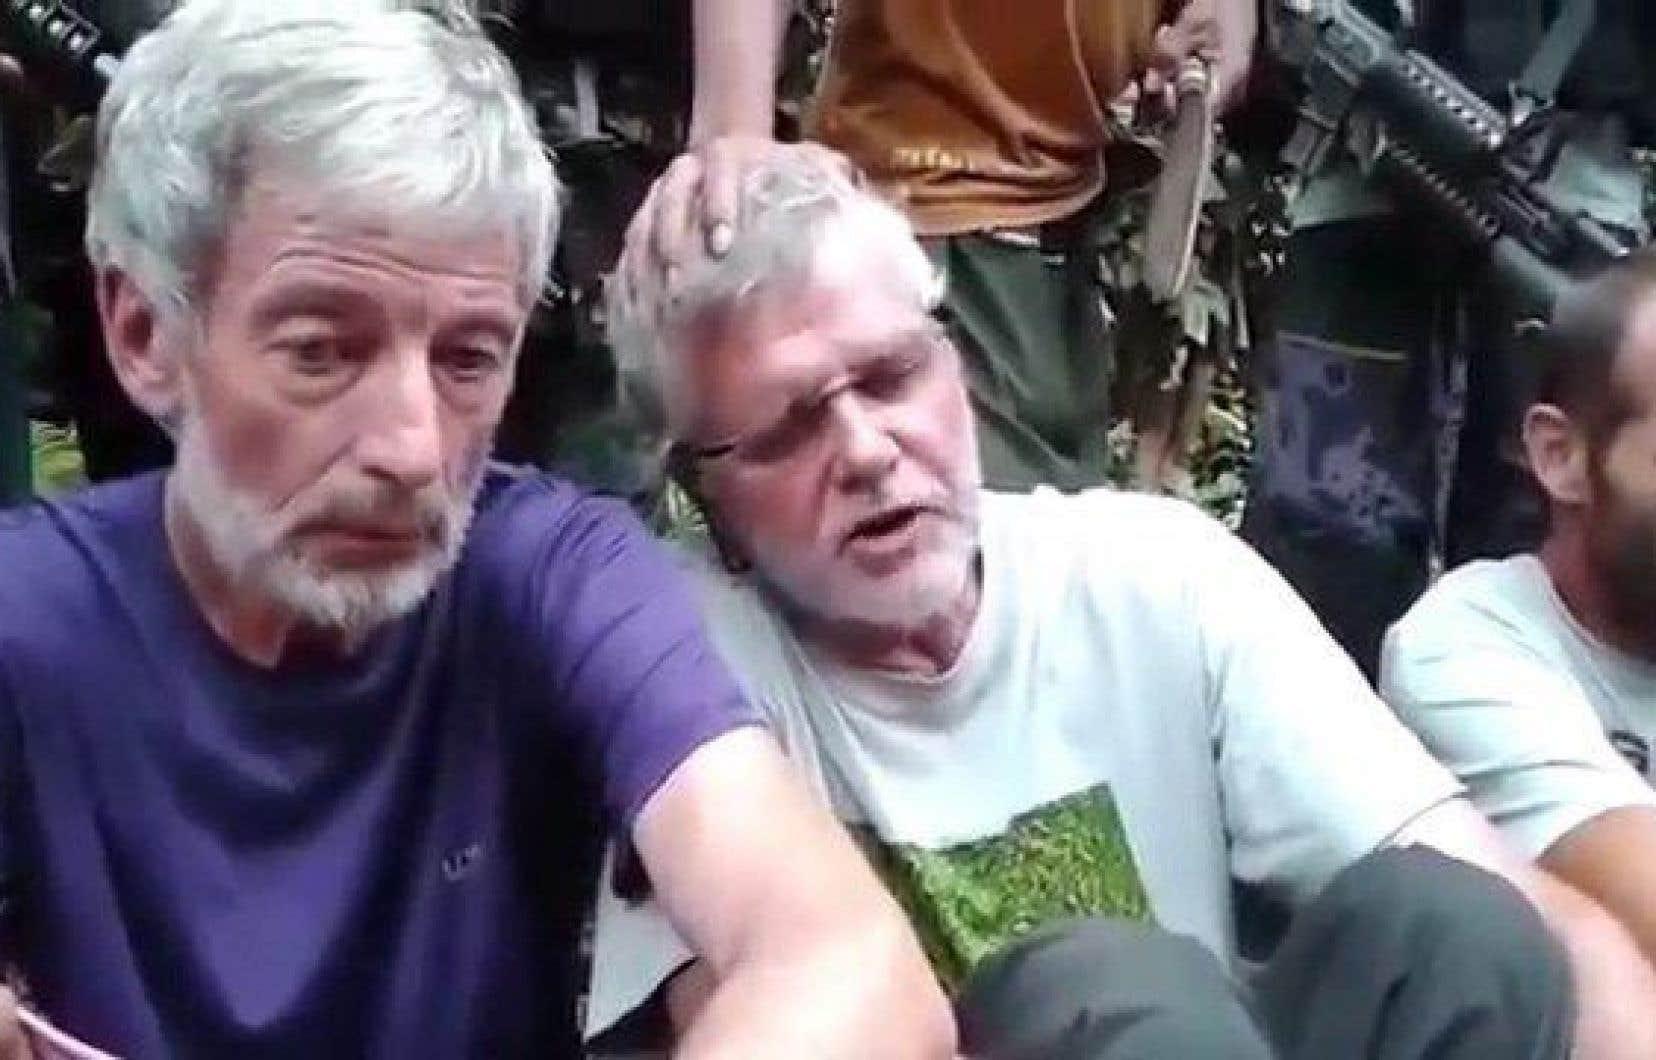 Les Canadiens Robert Hall (à gauche) et John Ridsdel ont été enlevés dans une station balnéaire du sud des Philippines.